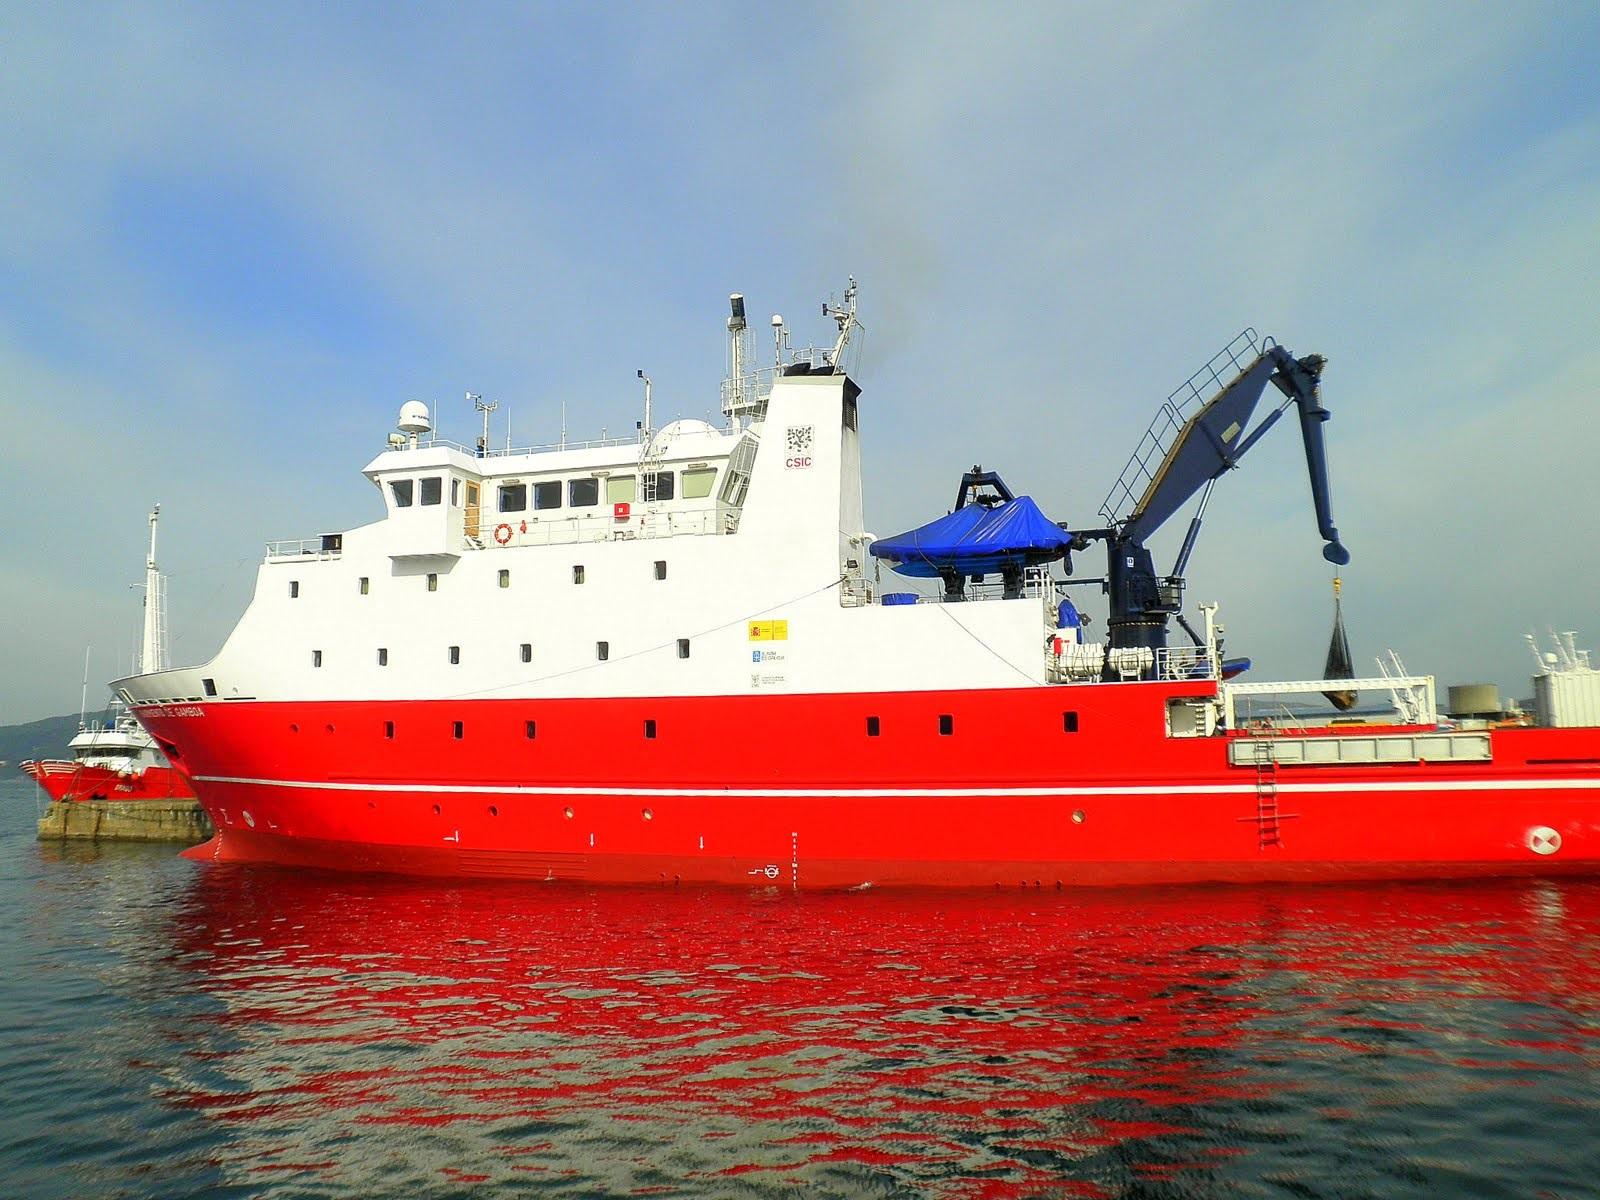 Campaña oceanográfica para avaliar a ecoloxía do recrutamento da pescada na plataforma galega